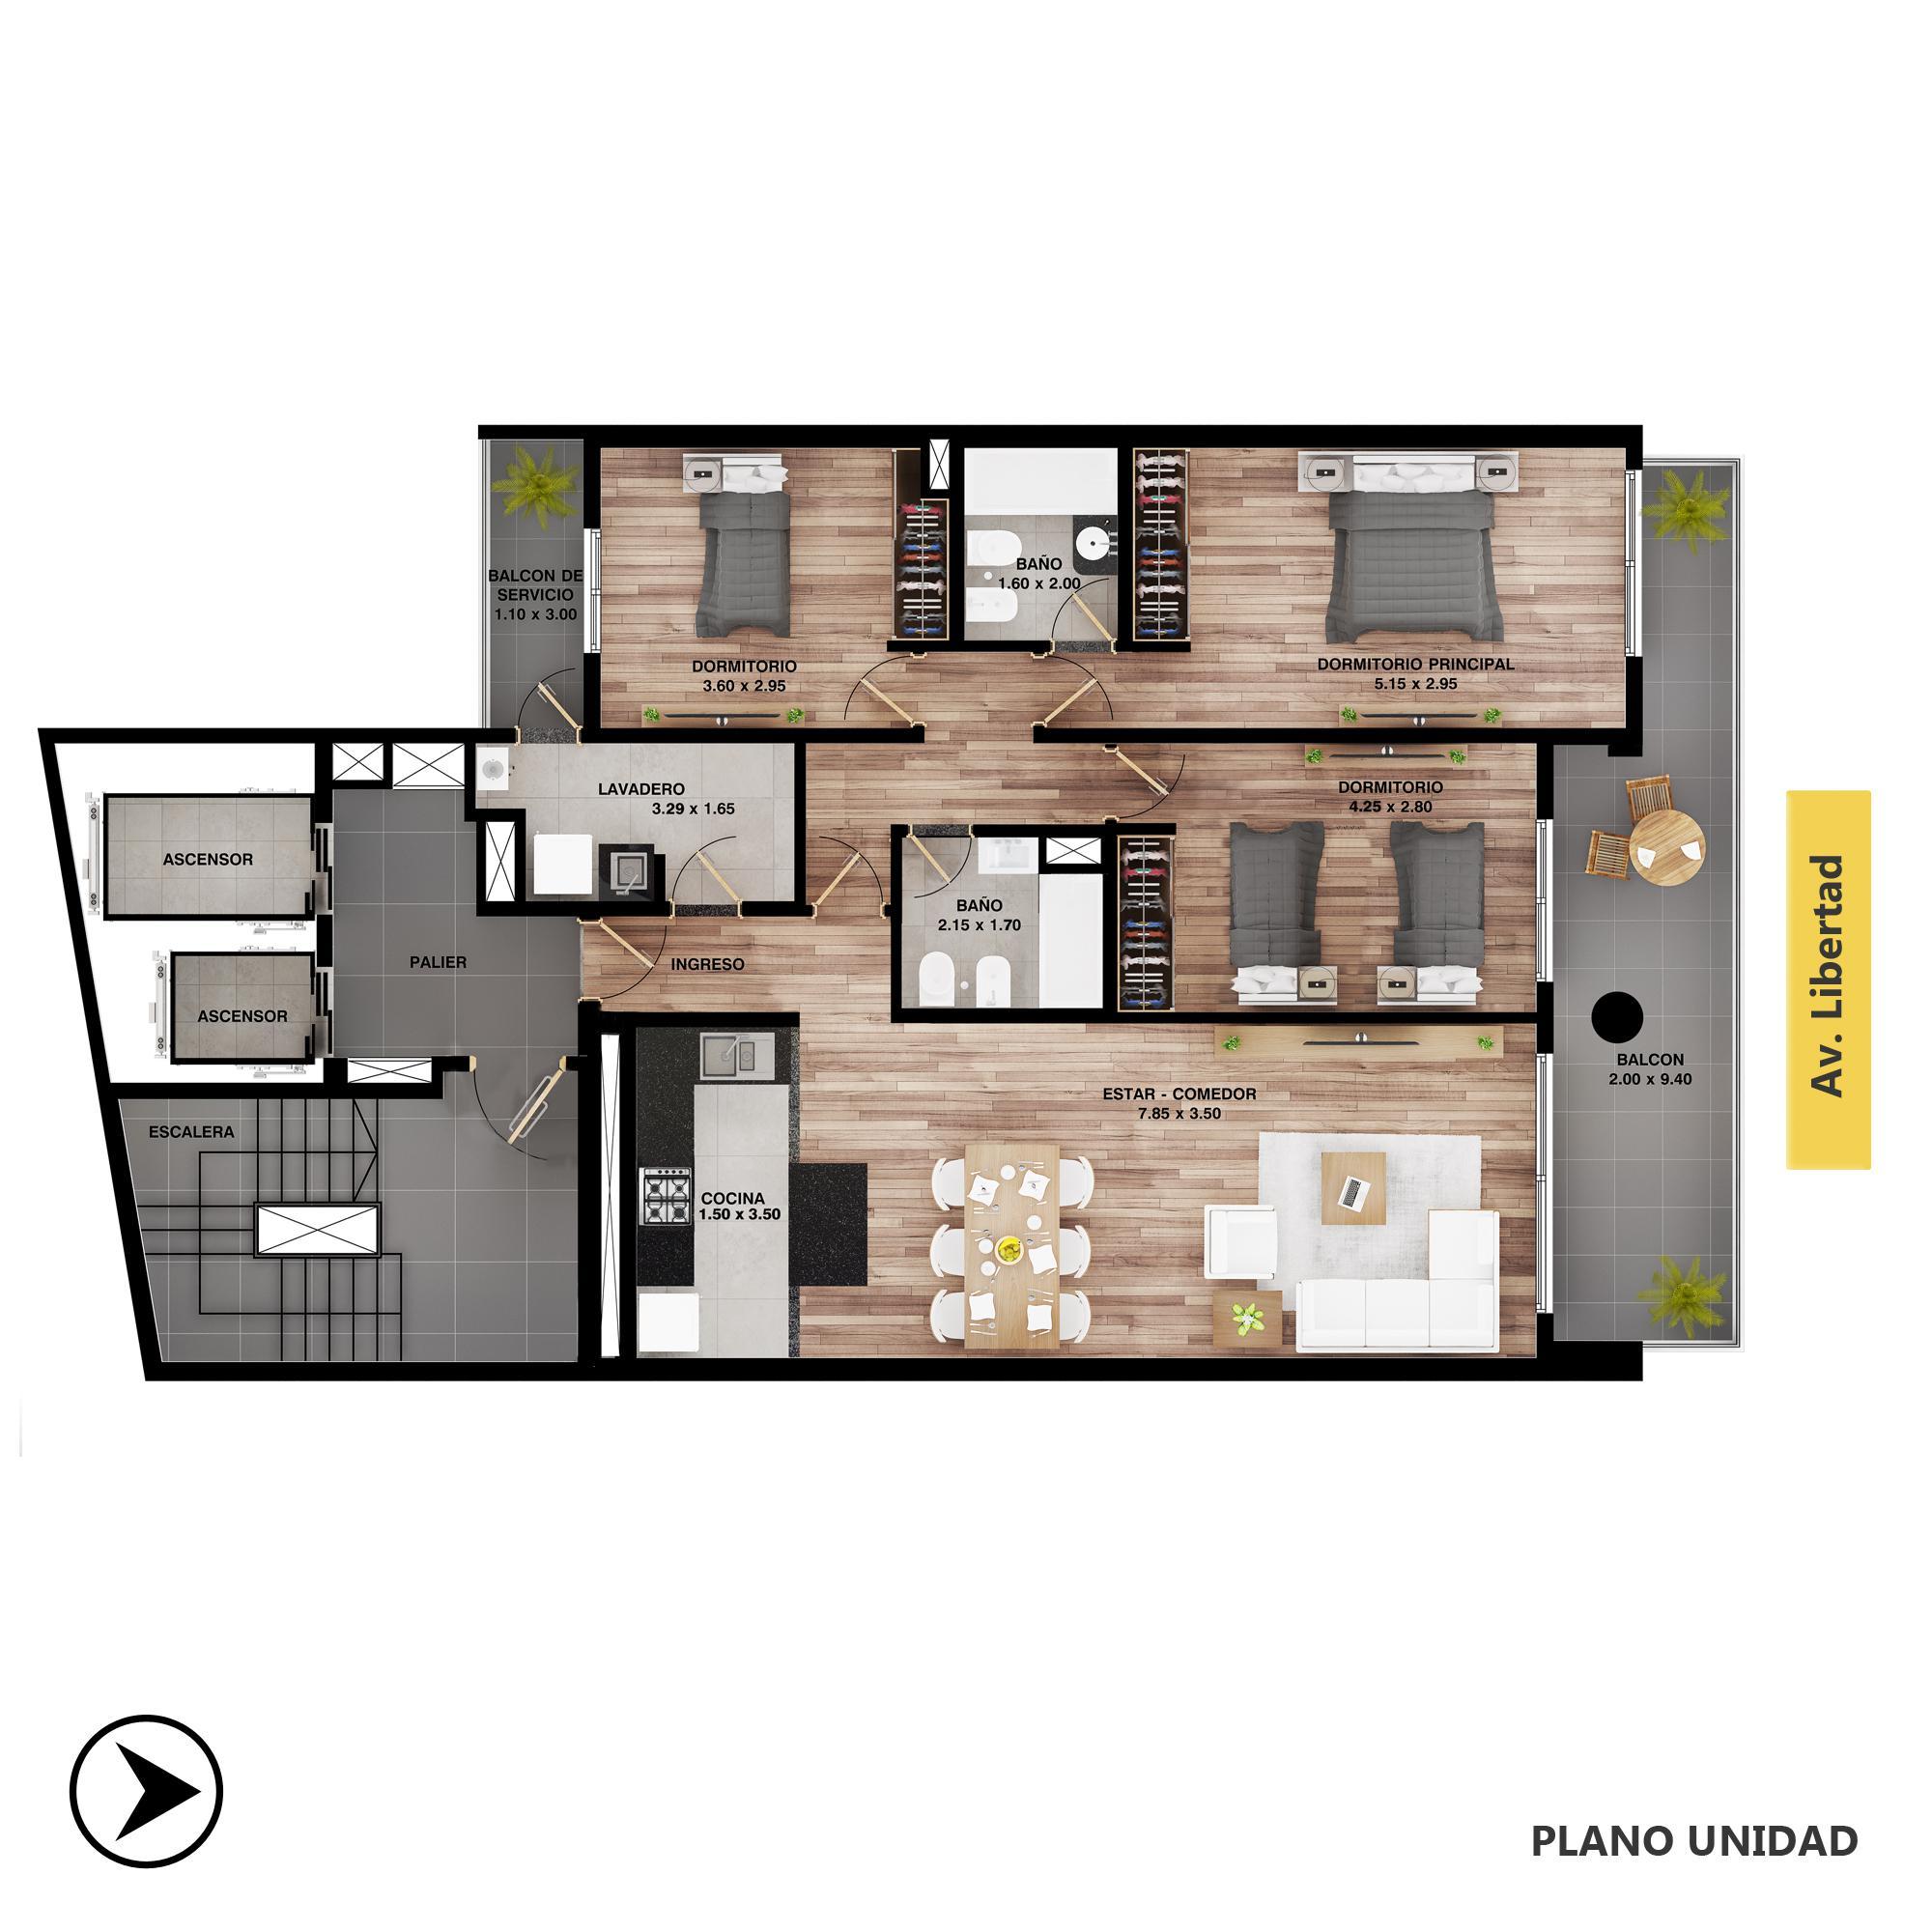 Venta departamento 3+ dormitorios Rosario, Centro. Cod CBU20816 AP2039400. Crestale Propiedades